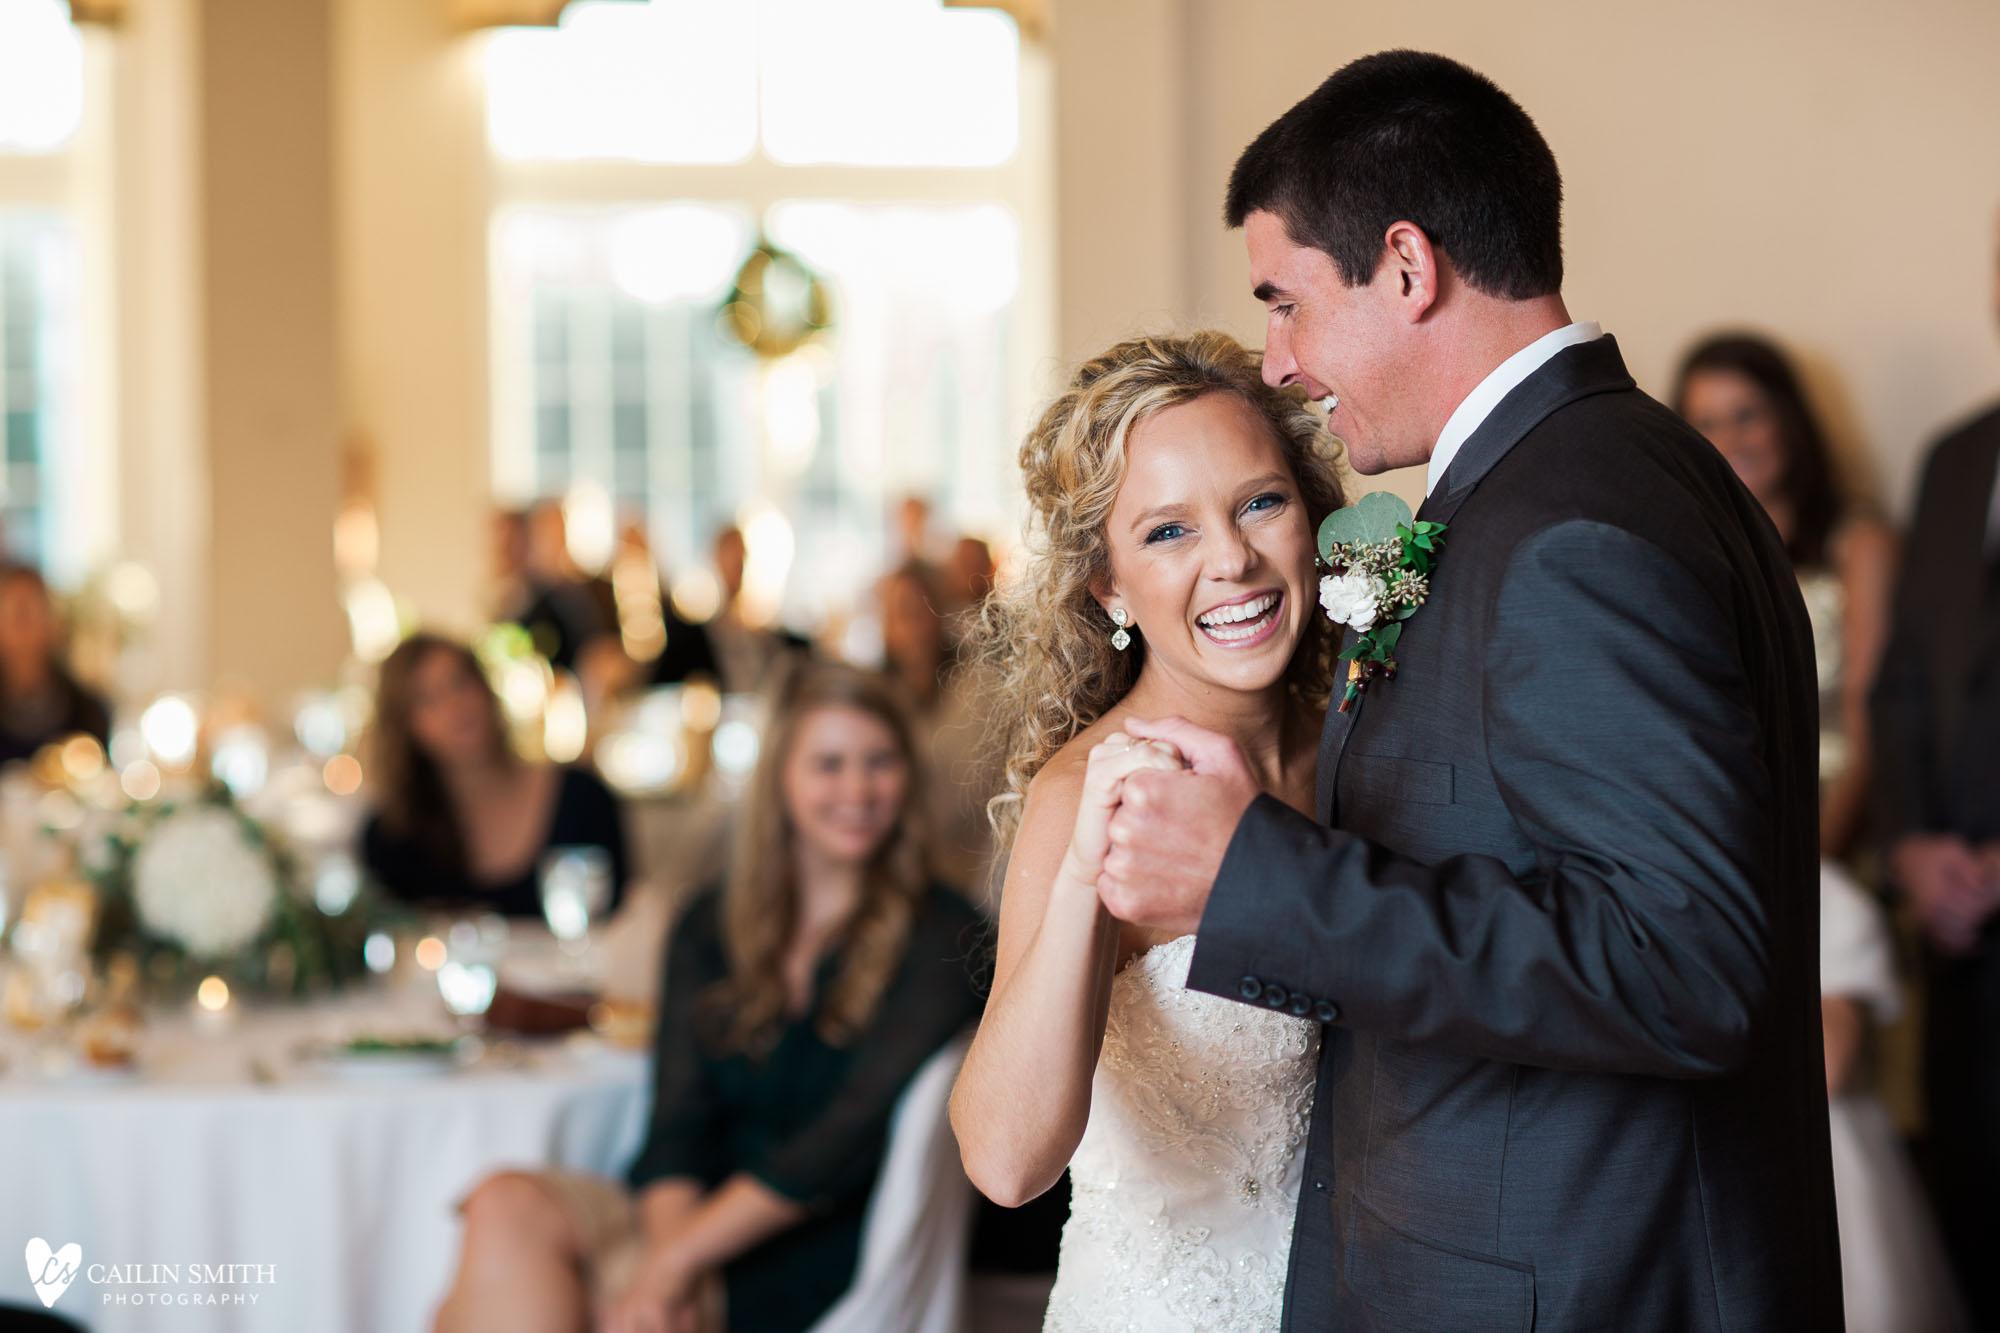 Leah_Major_St_Marys_Wedding_Photography_100.jpg